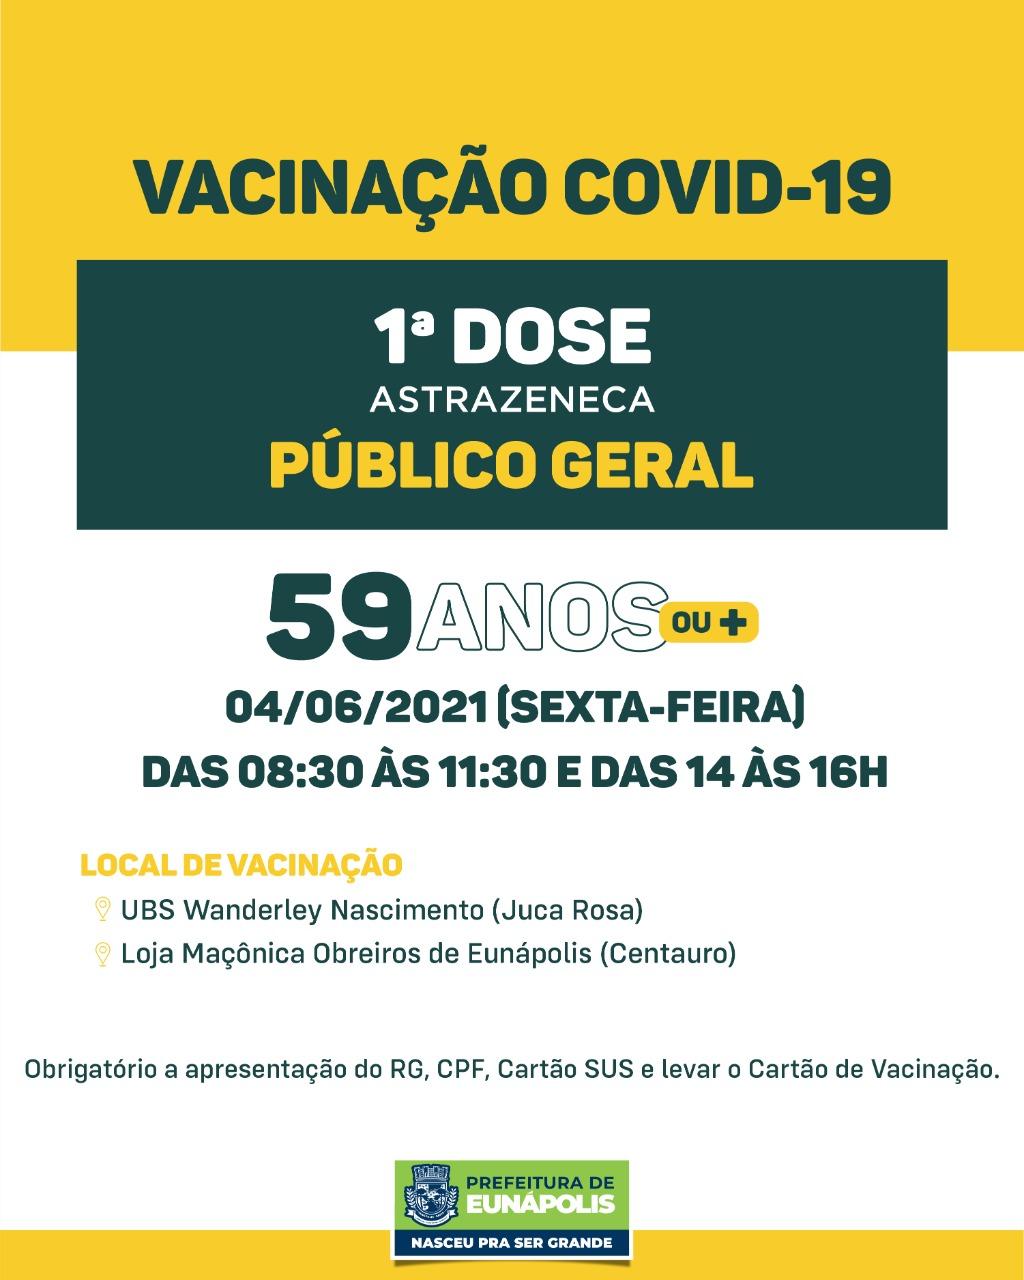 Eunápolis: Confira cronograma de vacinação Covid-19 30